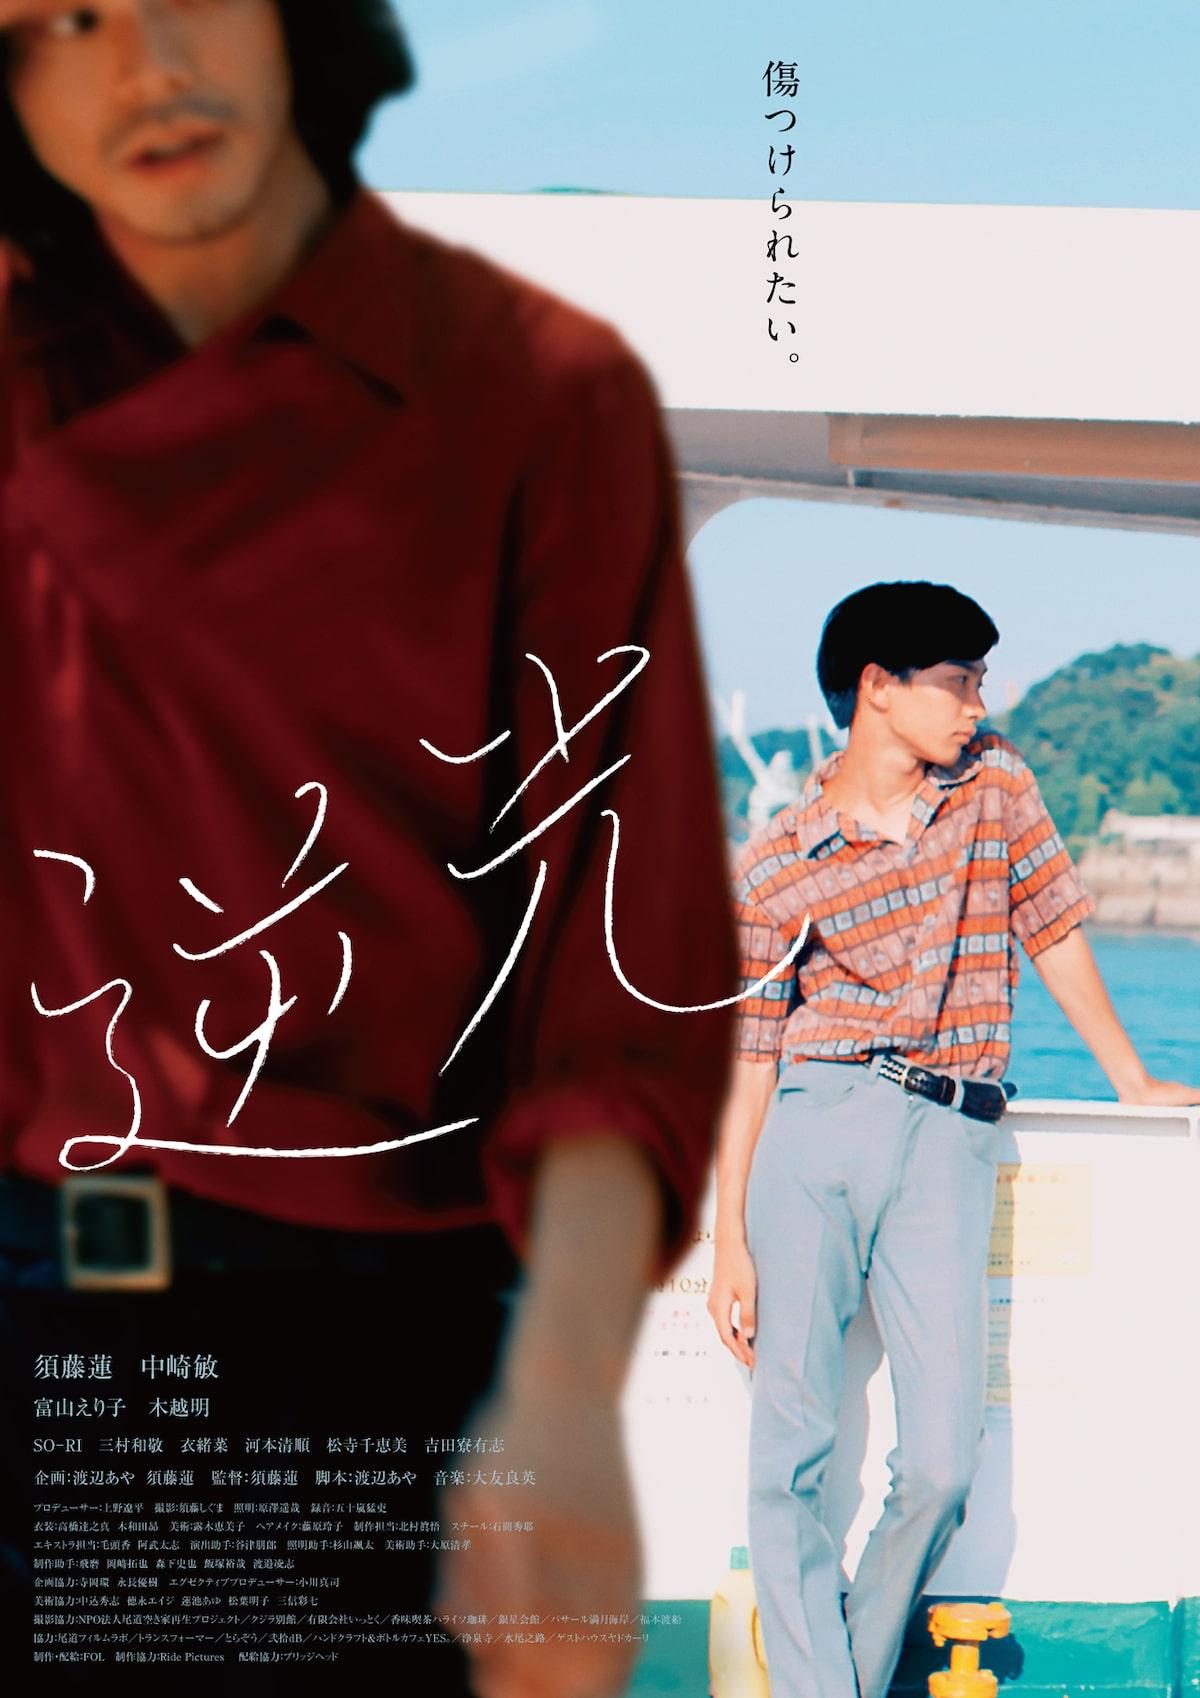 Backlight film - Ren Sudo - poster